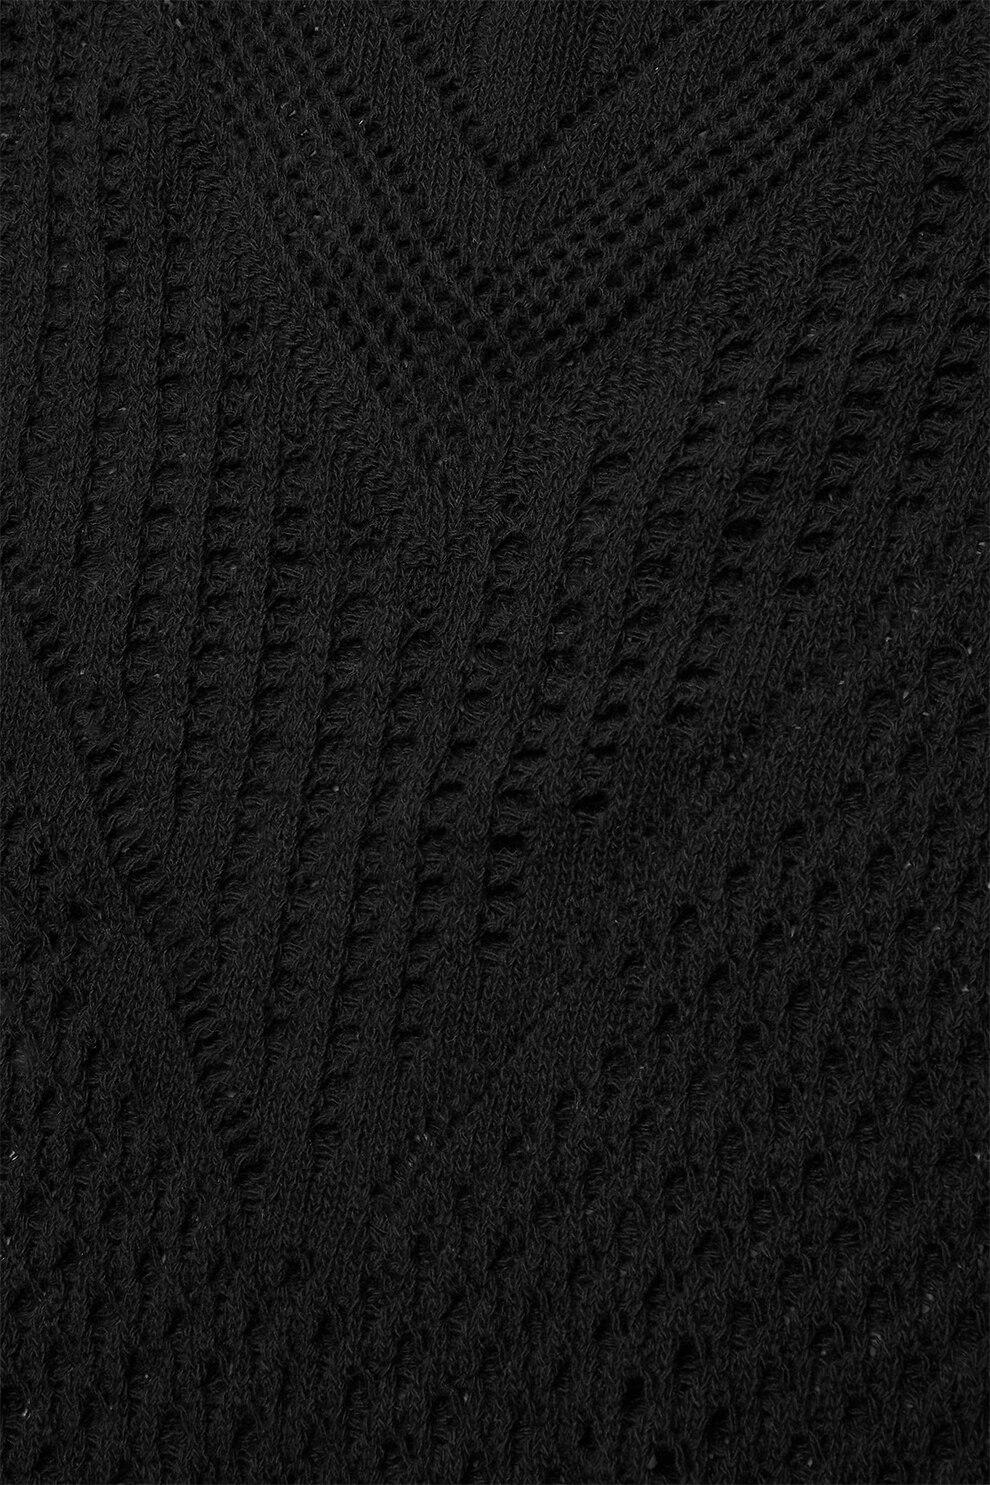 NEXT, Horgolt pulóver, Fekete, S eMAG.hu